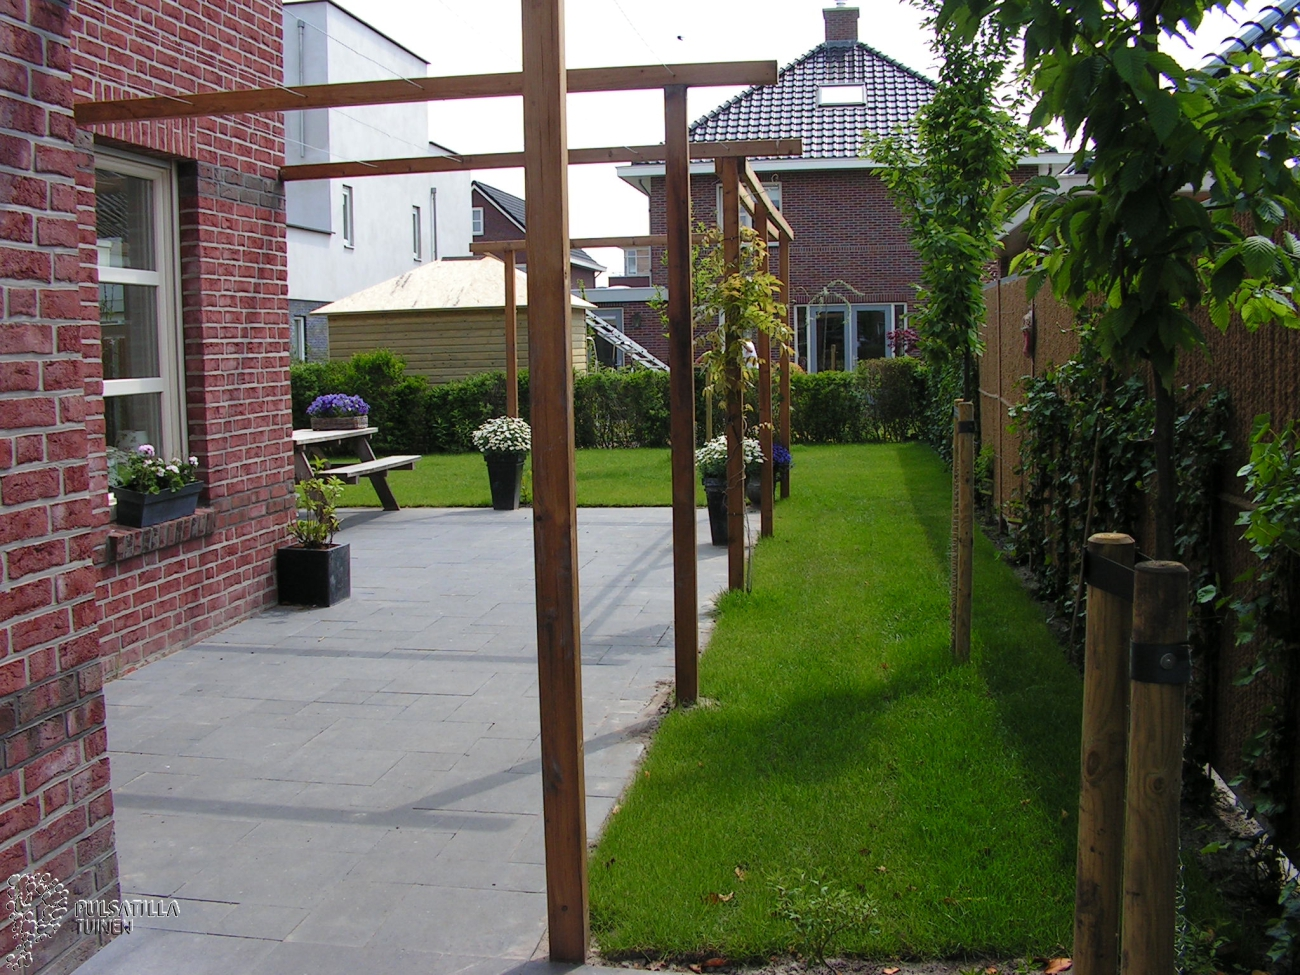 Timmerwerk pulsatilla tuinen - Pergolas hout adossee ...